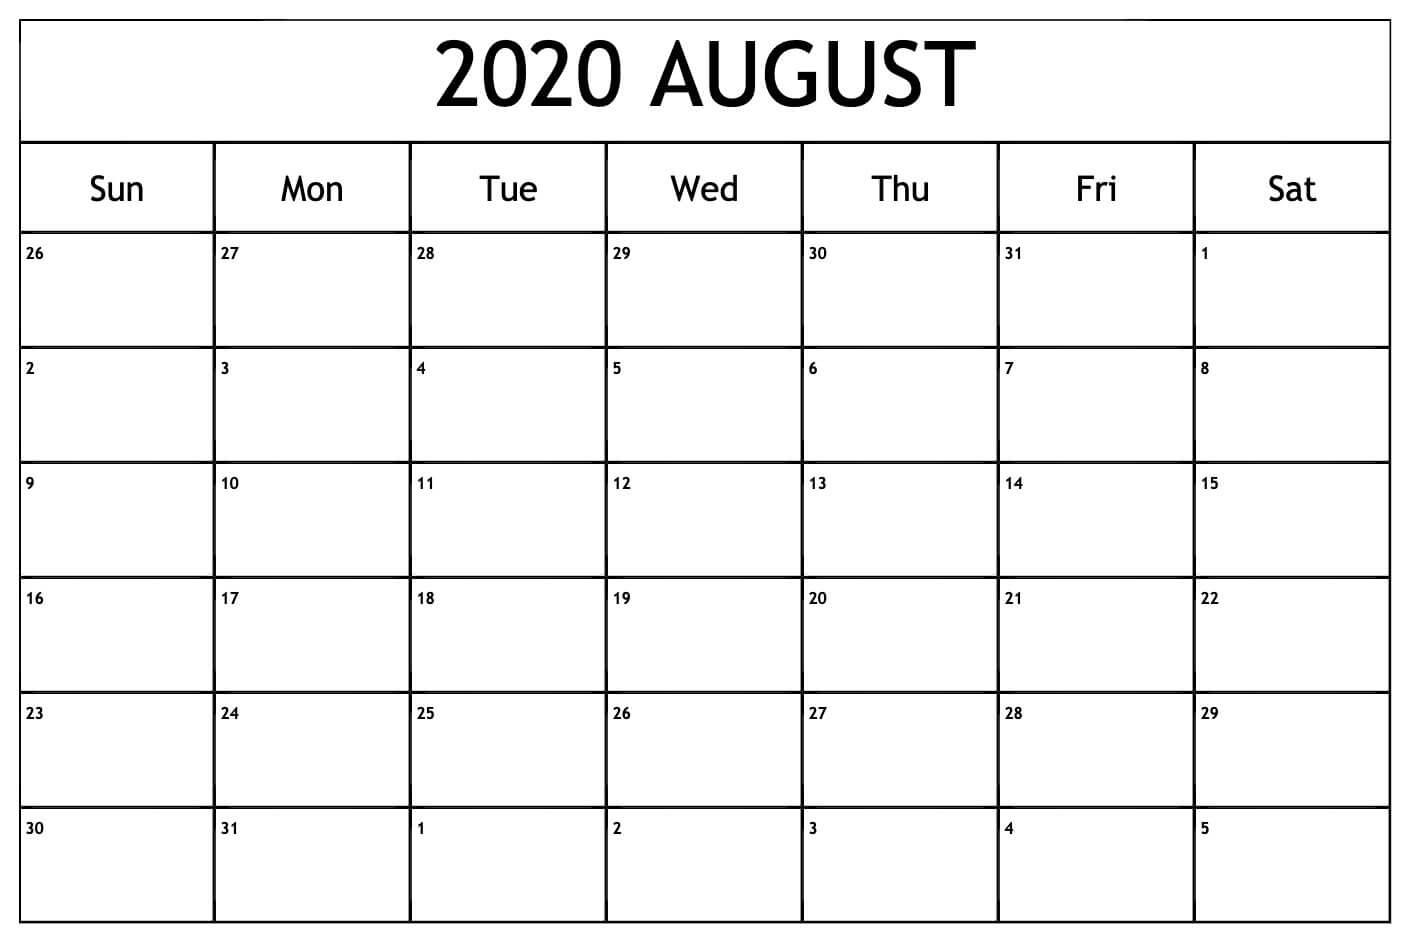 Blank August 2020 Calendar Template